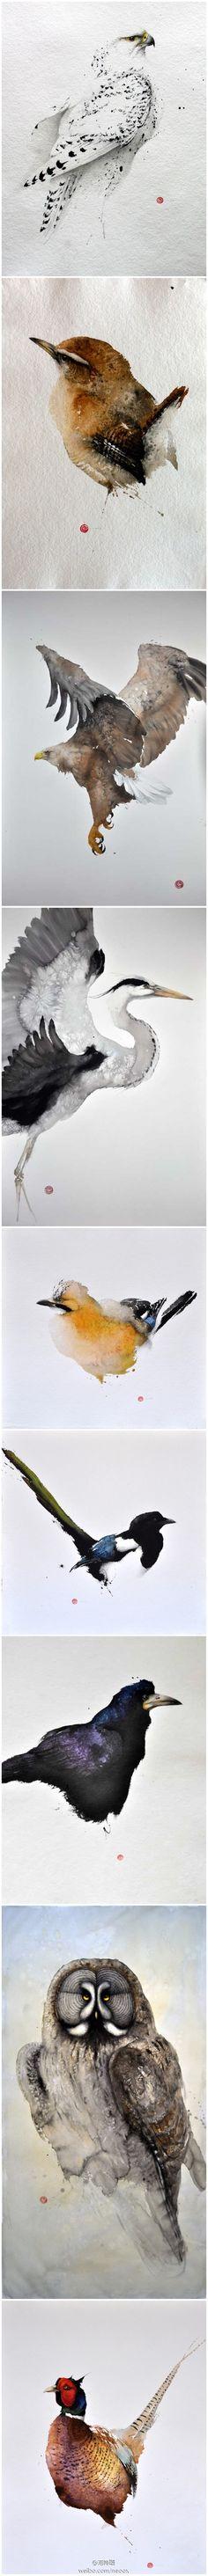 @范特曦 水彩鸟儿。。。美翻了。。。看得我快哭了。。。来自艺术家 Karl Martens